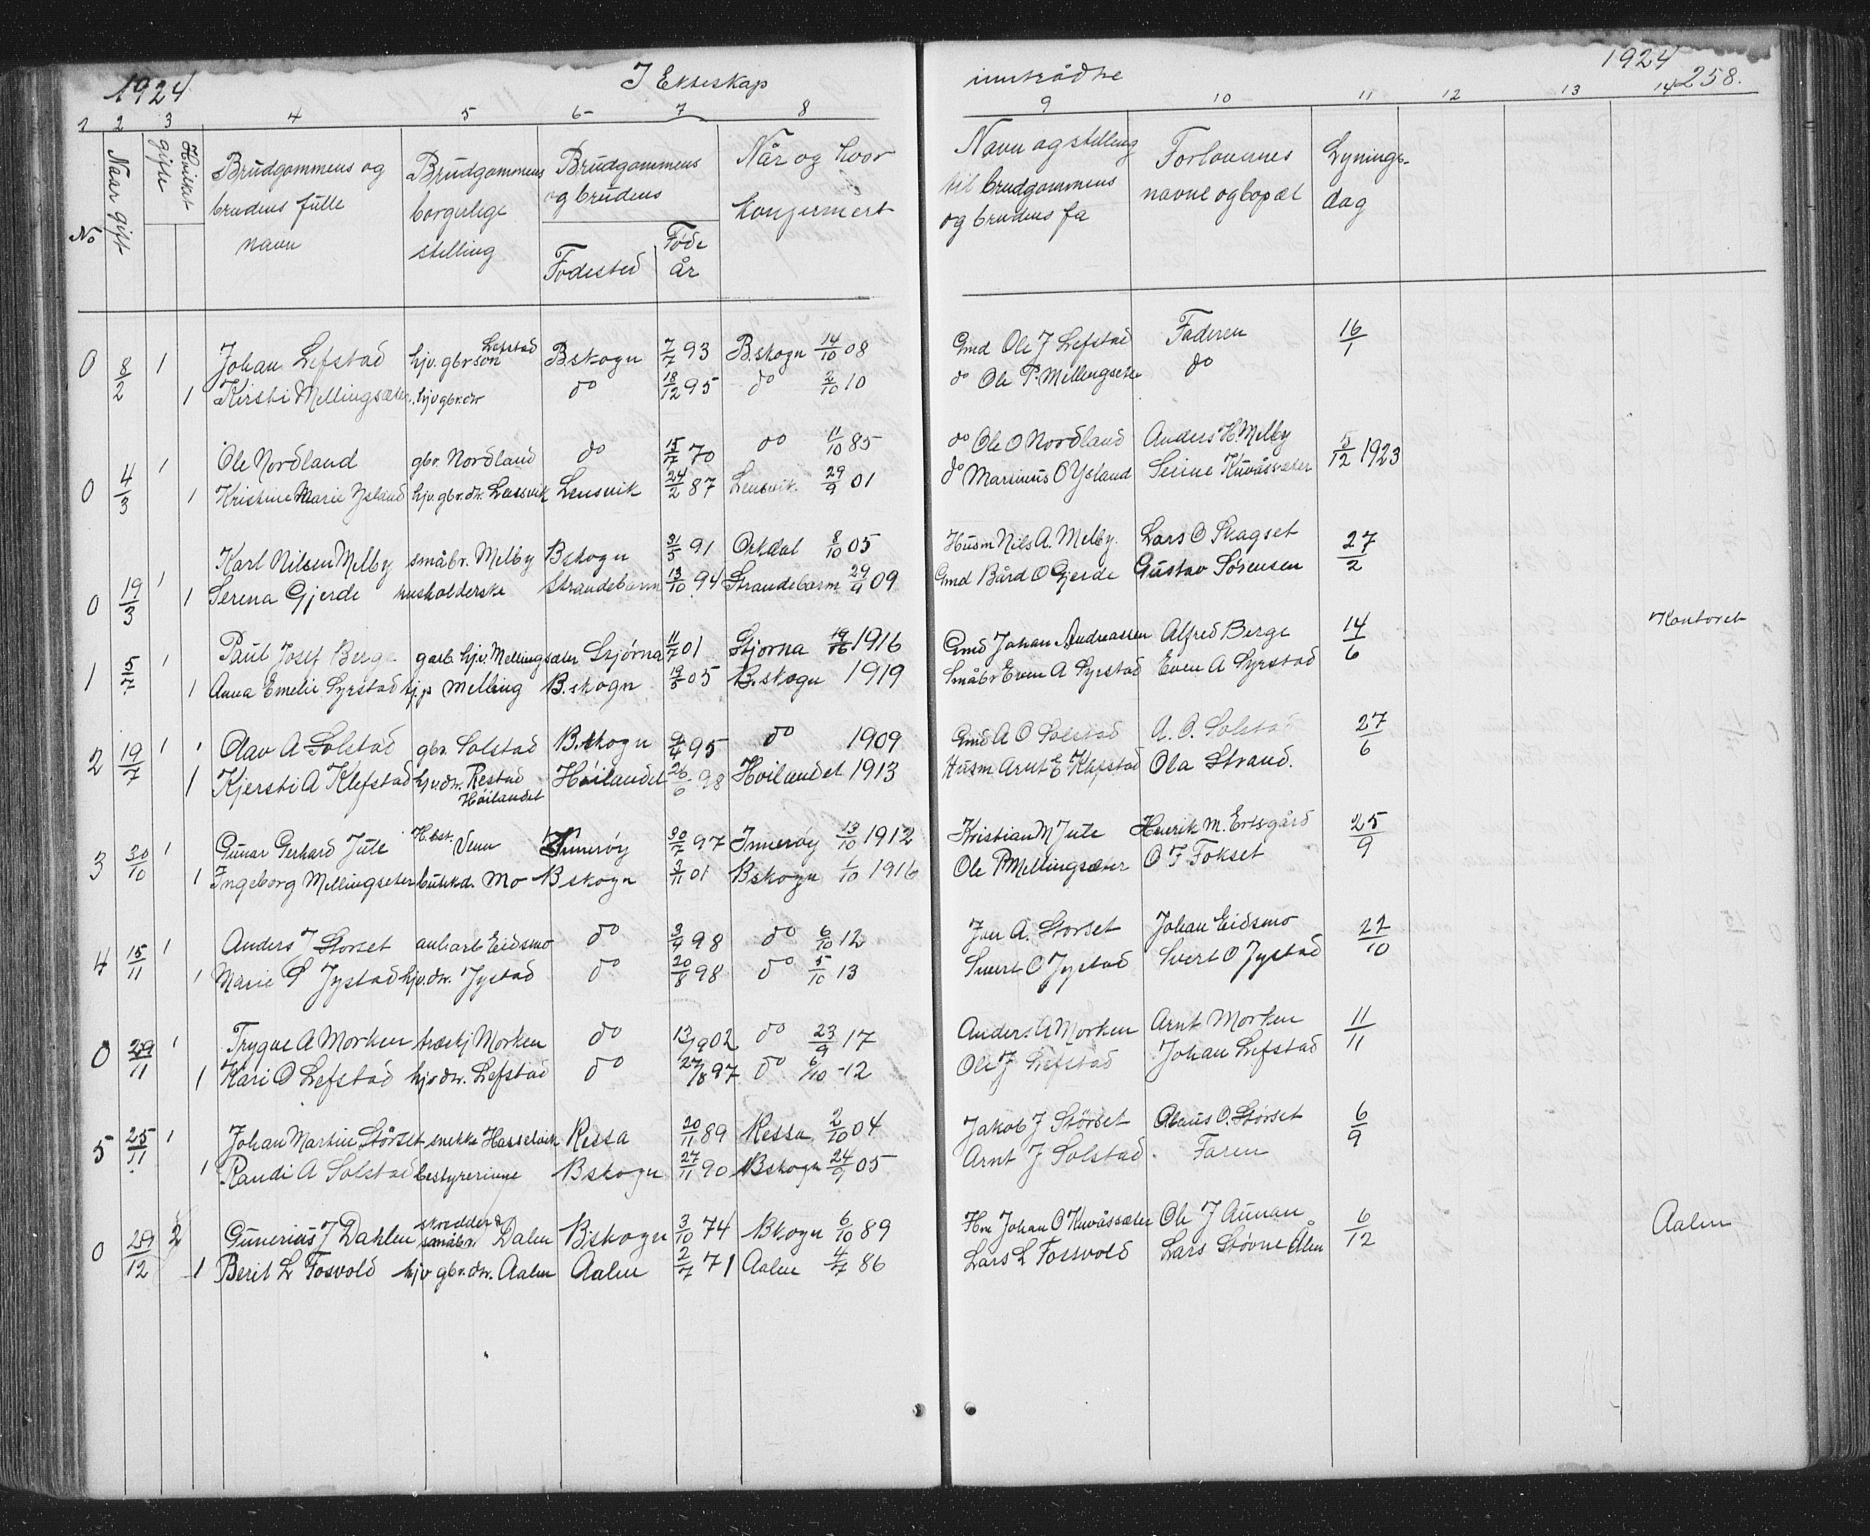 SAT, Ministerialprotokoller, klokkerbøker og fødselsregistre - Sør-Trøndelag, 667/L0798: Klokkerbok nr. 667C03, 1867-1929, s. 258